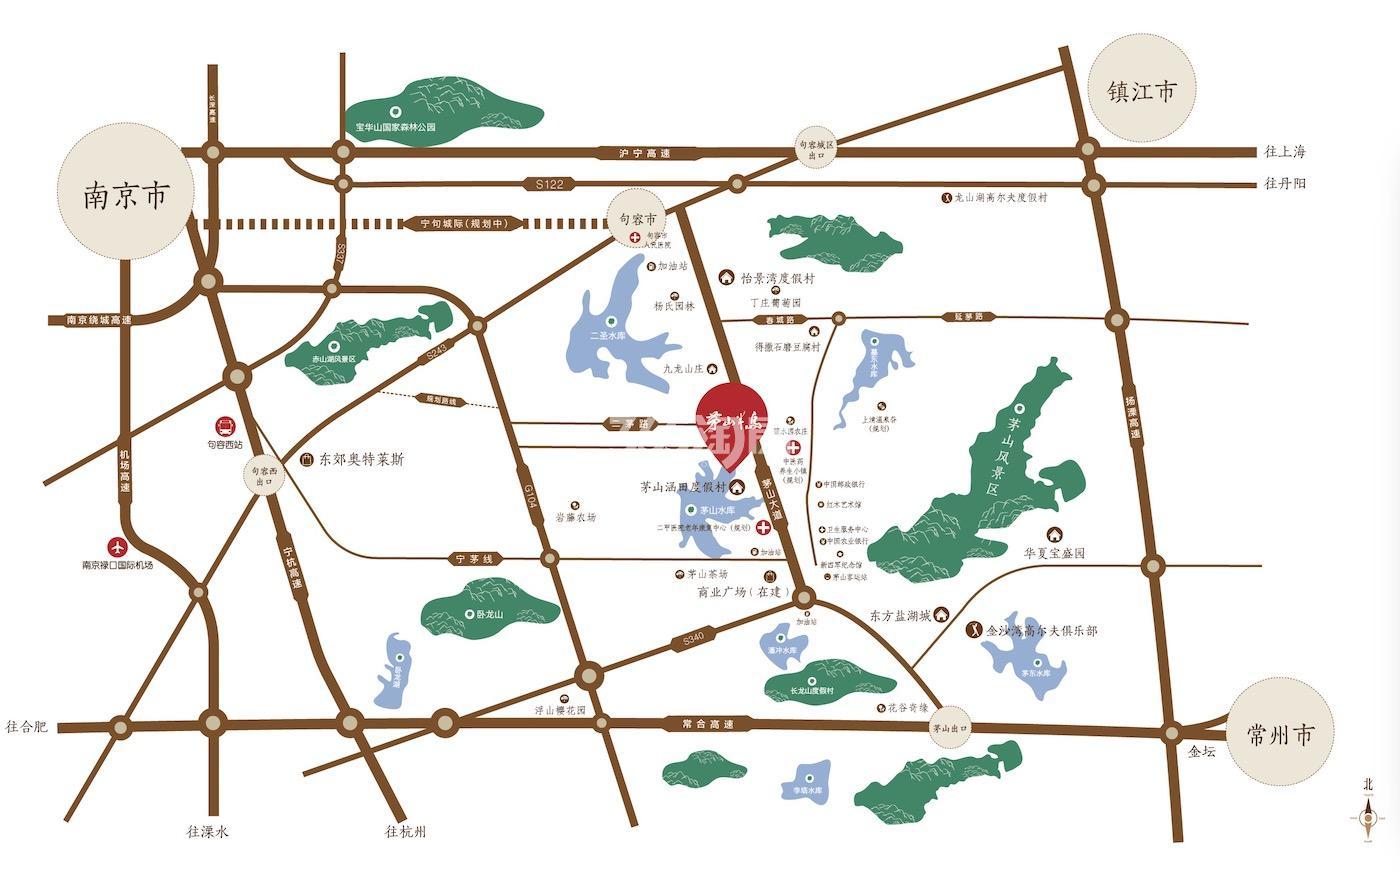 茅山半岛交通图